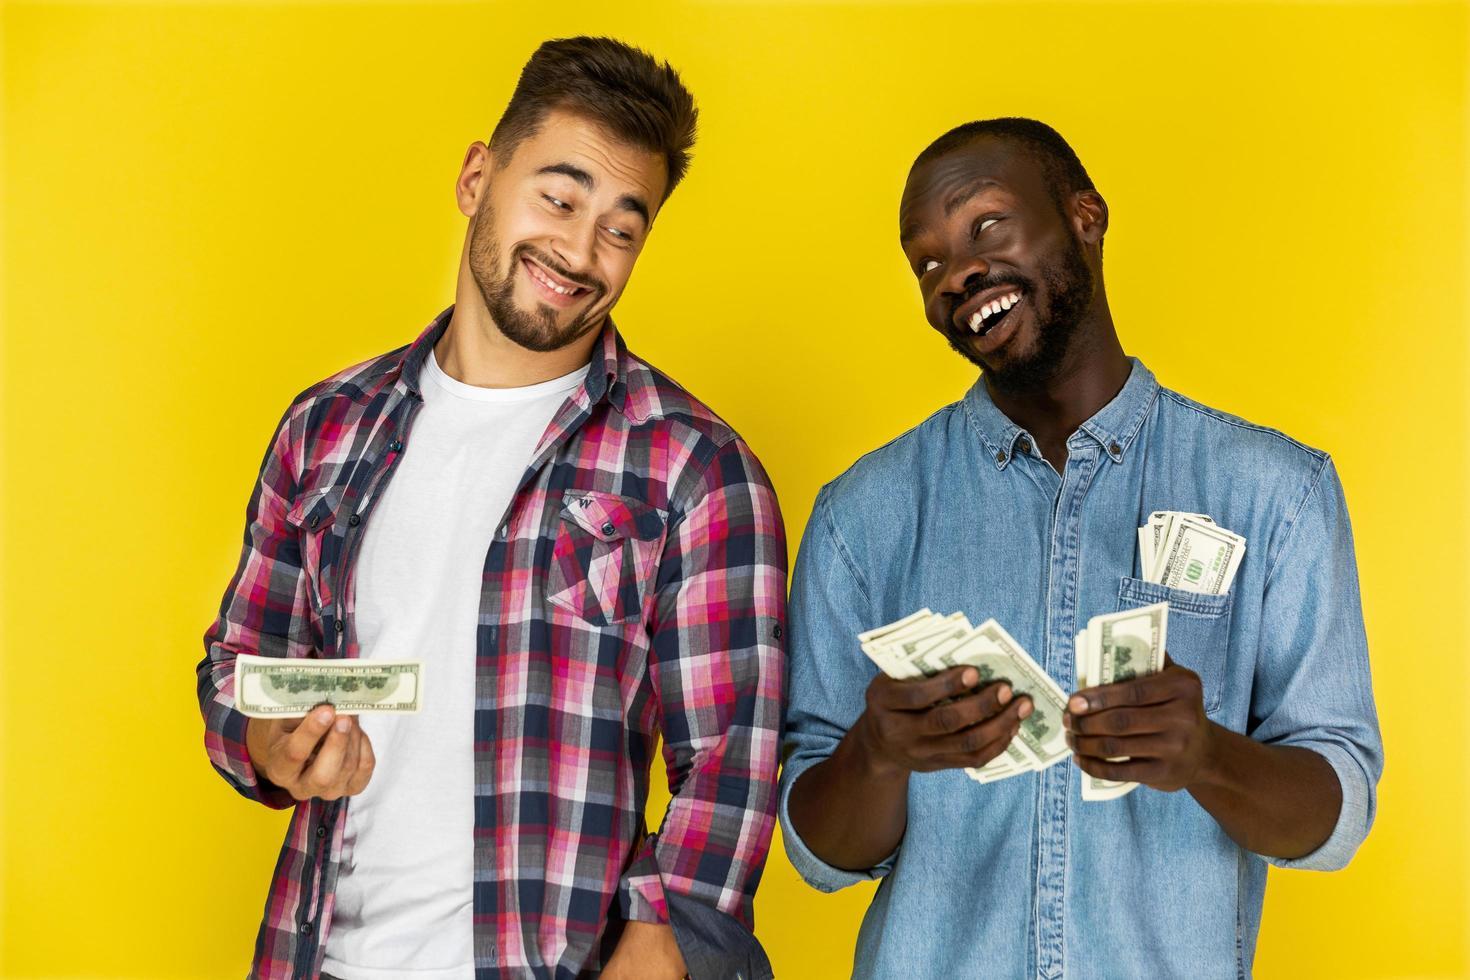 dos hombres sosteniendo dinero foto